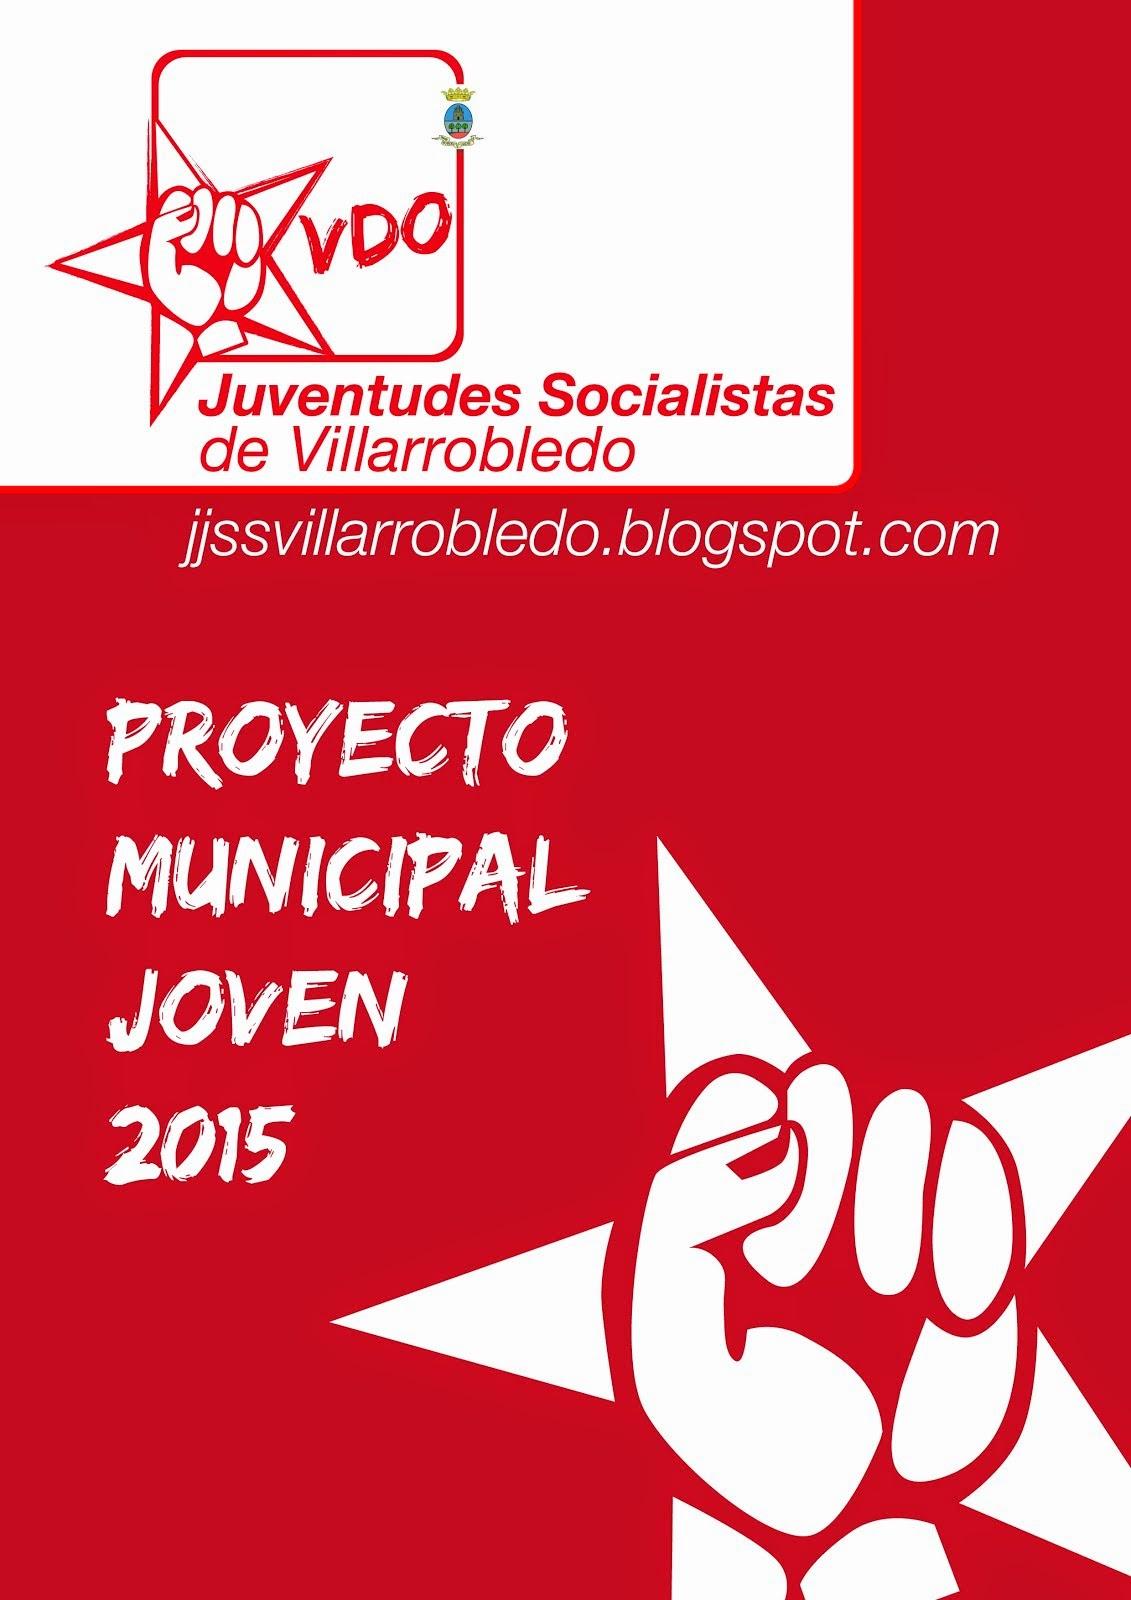 Proyecto Municipal Joven: la suma de tod@s